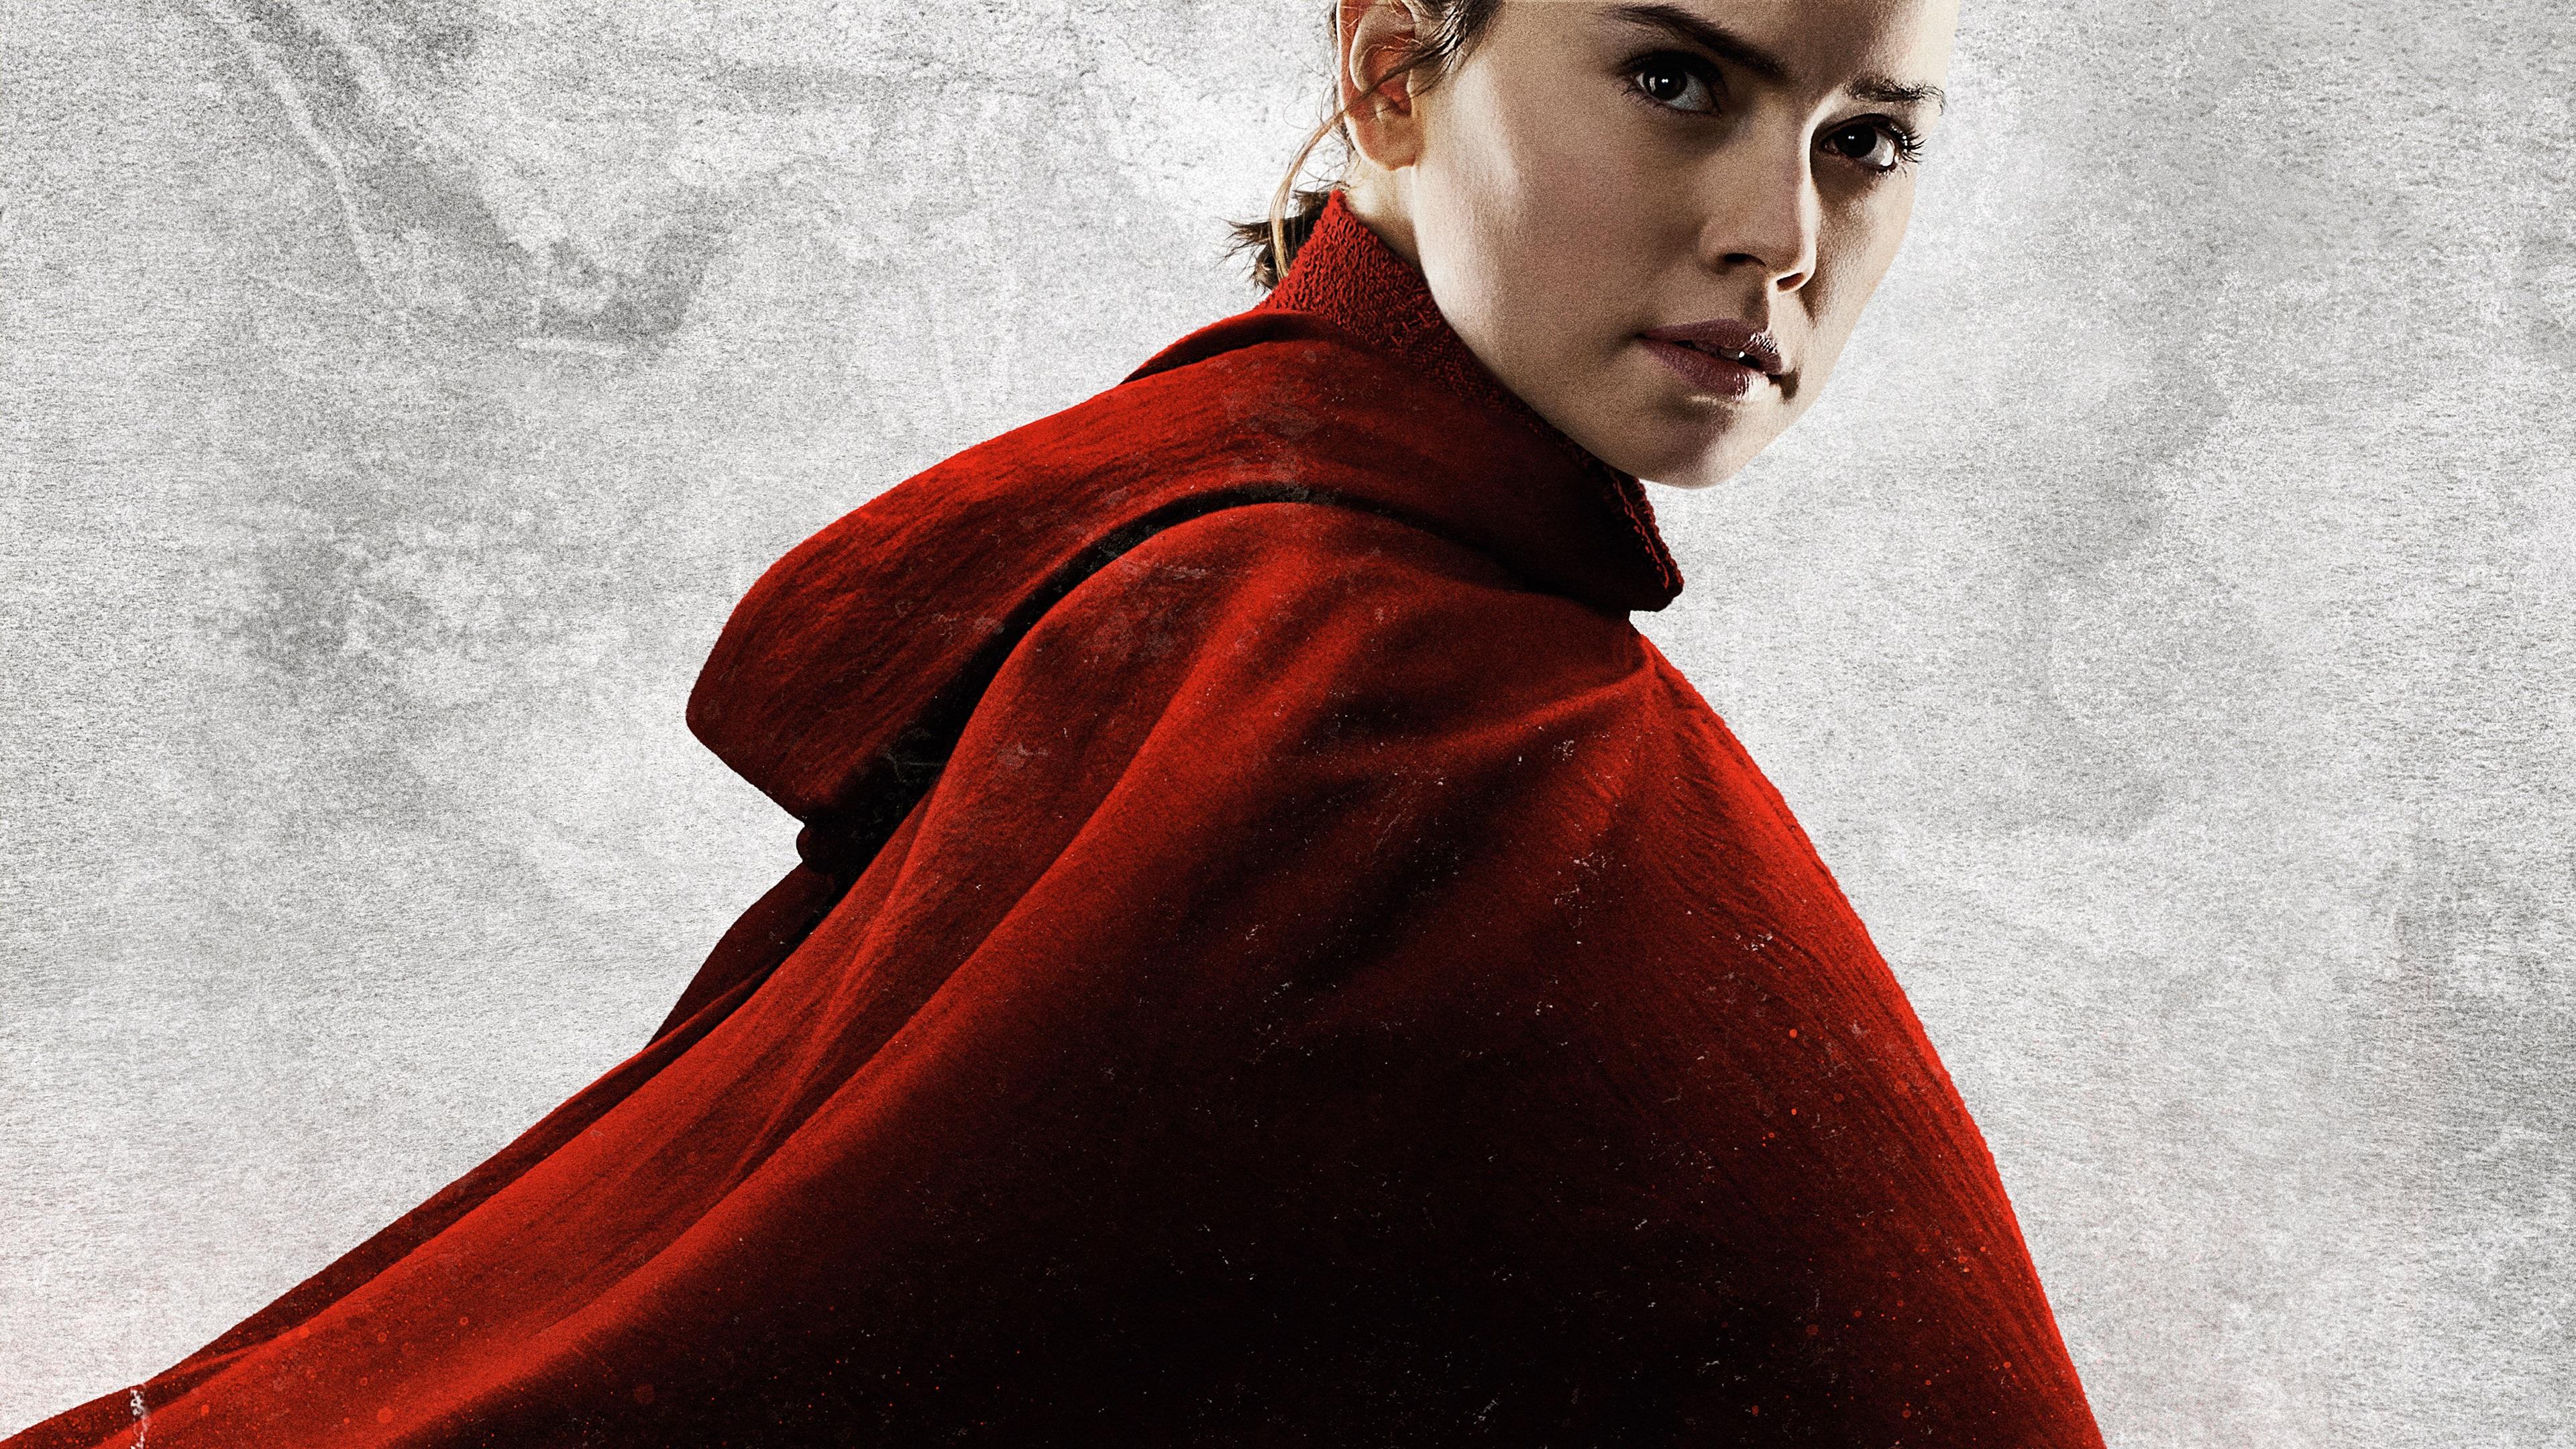 Wallpaper Daisy Ridley Star Wars The Last Jedi 3840x2160 Uhd 4k